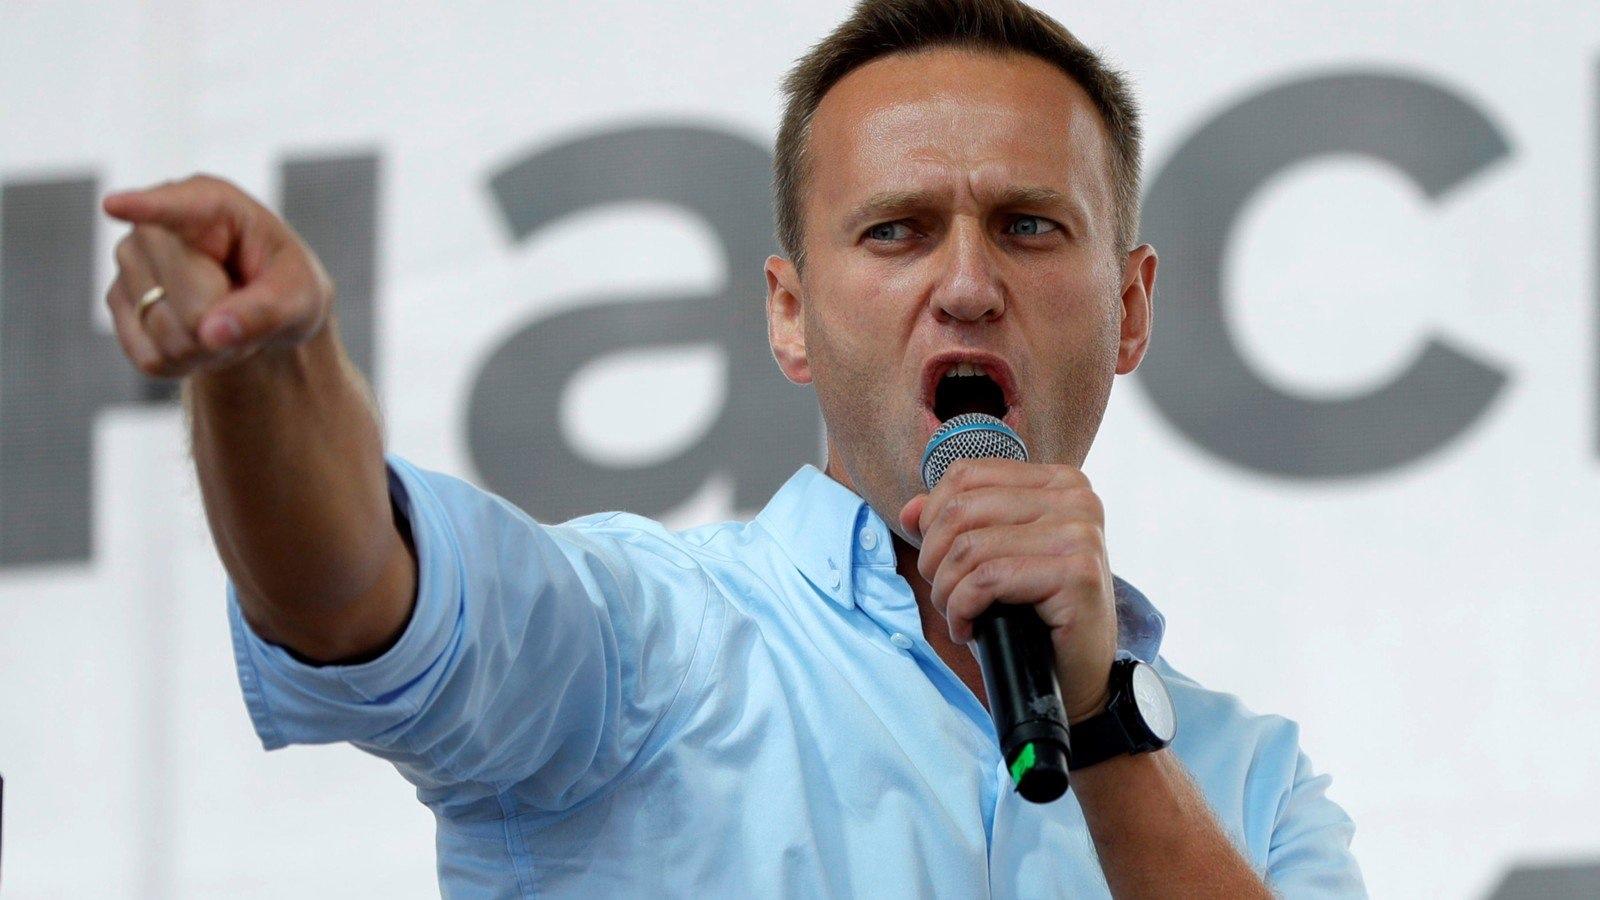 El gobierno alemán afirma que Navalny fue envenenado